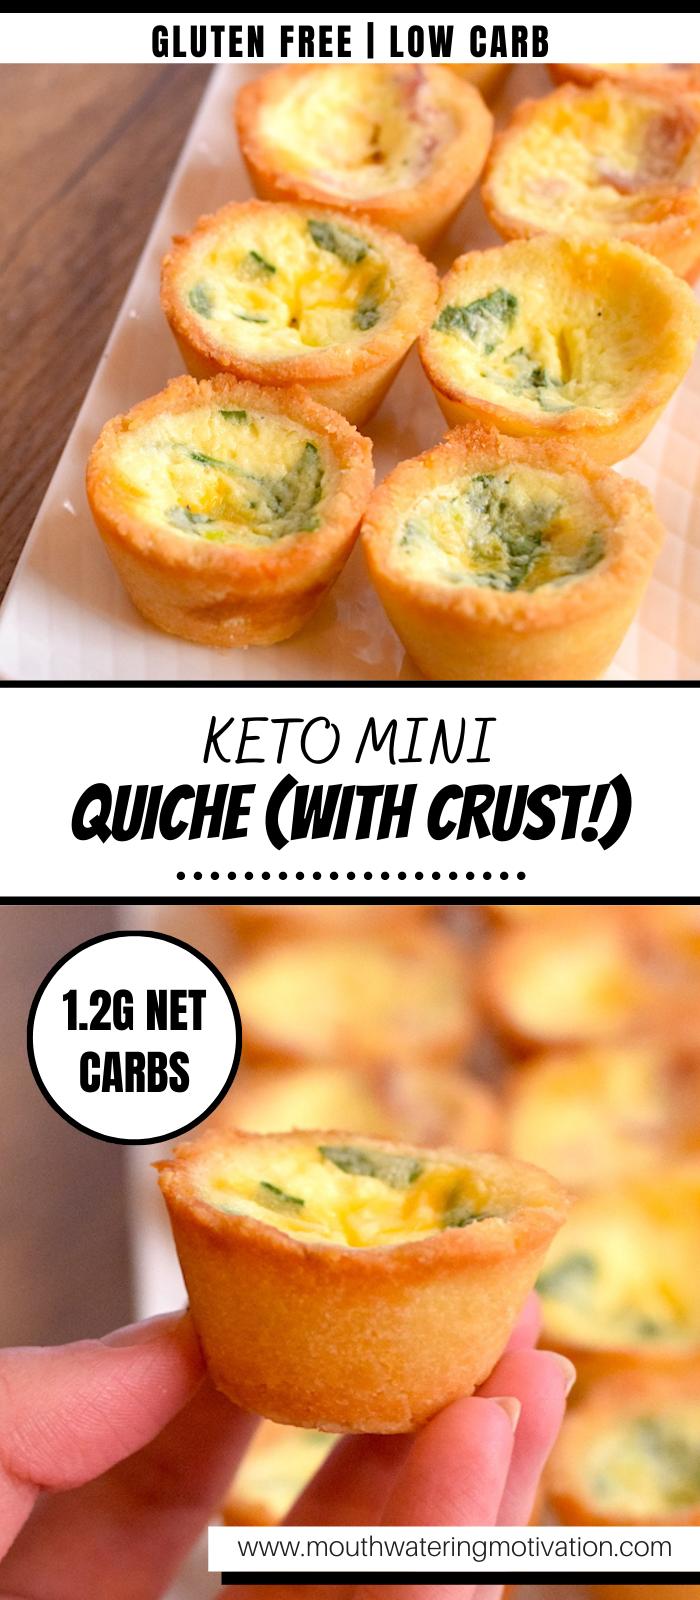 keto mini quiche with crust recipe